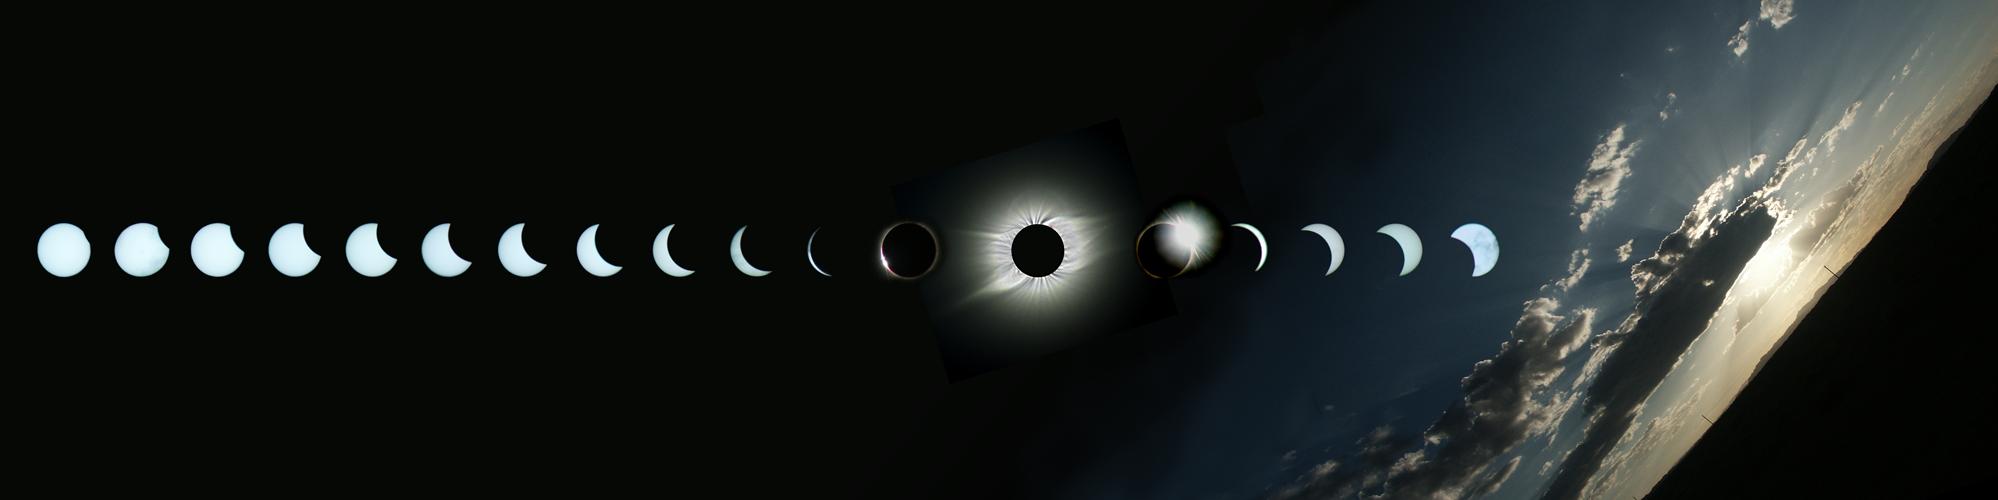 fotociencia-3